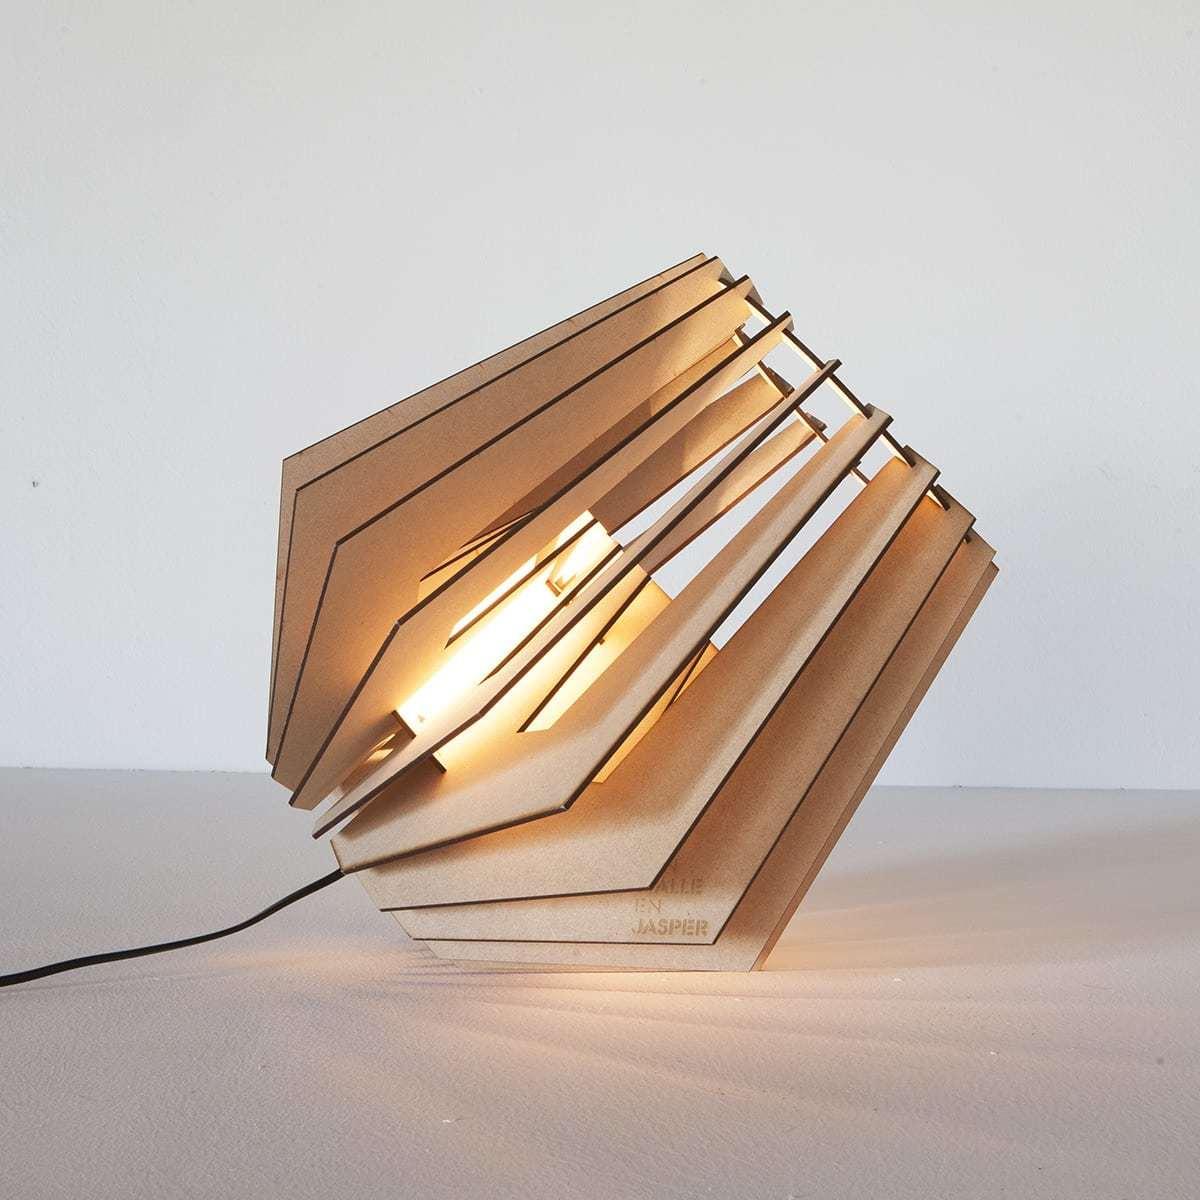 lamps-diy